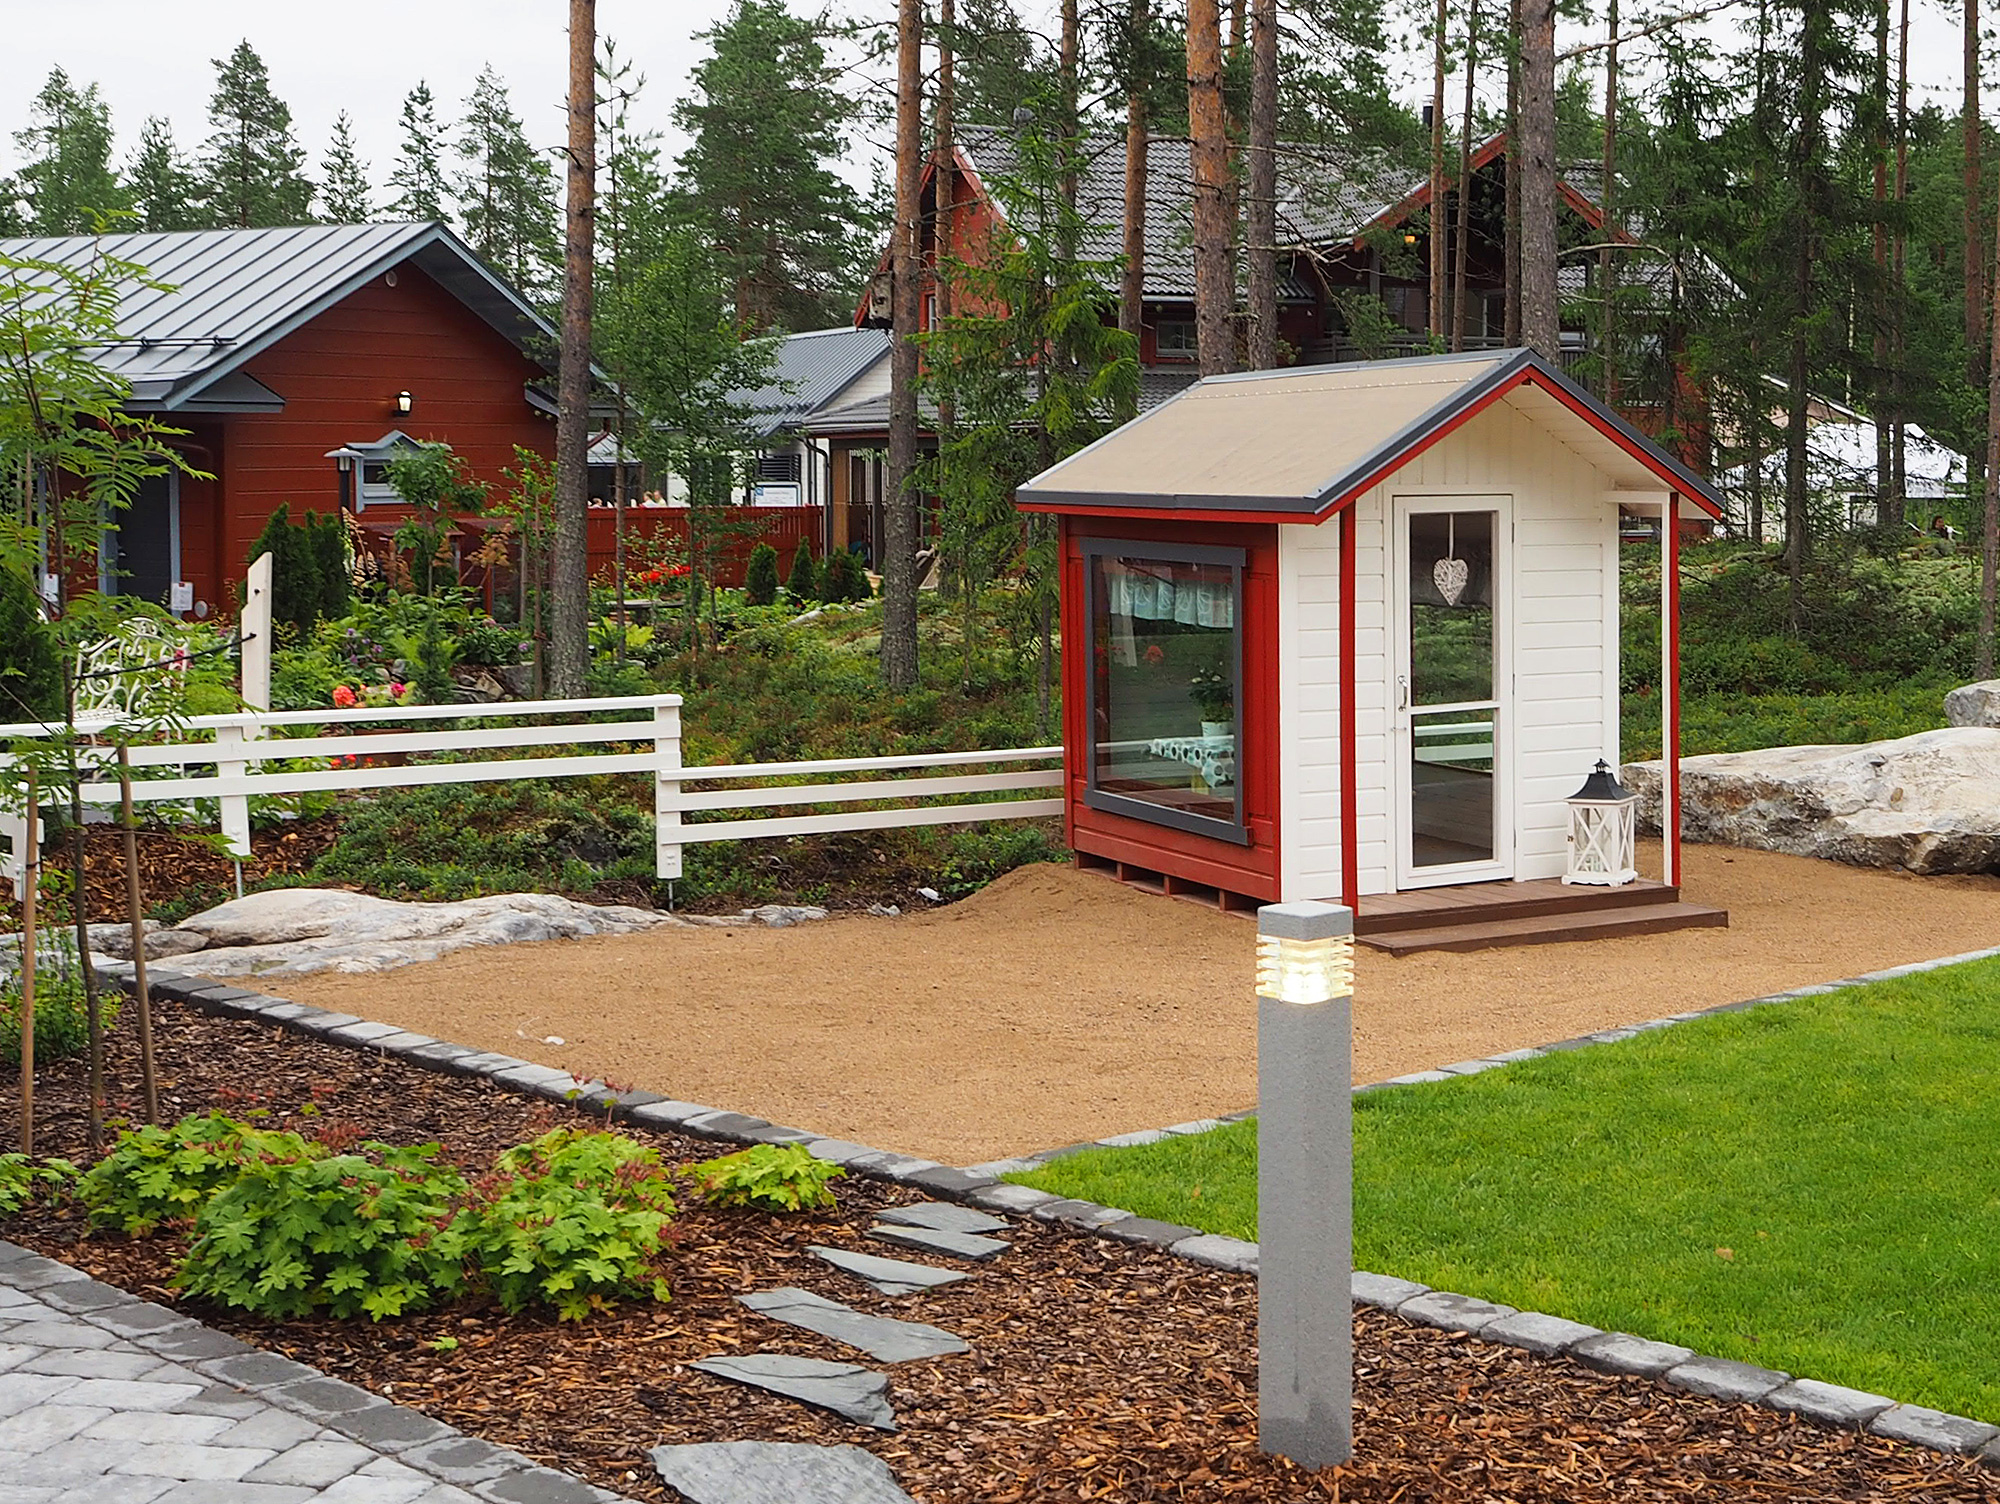 Leikkimökki kohteessa Villa Roihu, Asuntomessut 2016 Seinäjoki